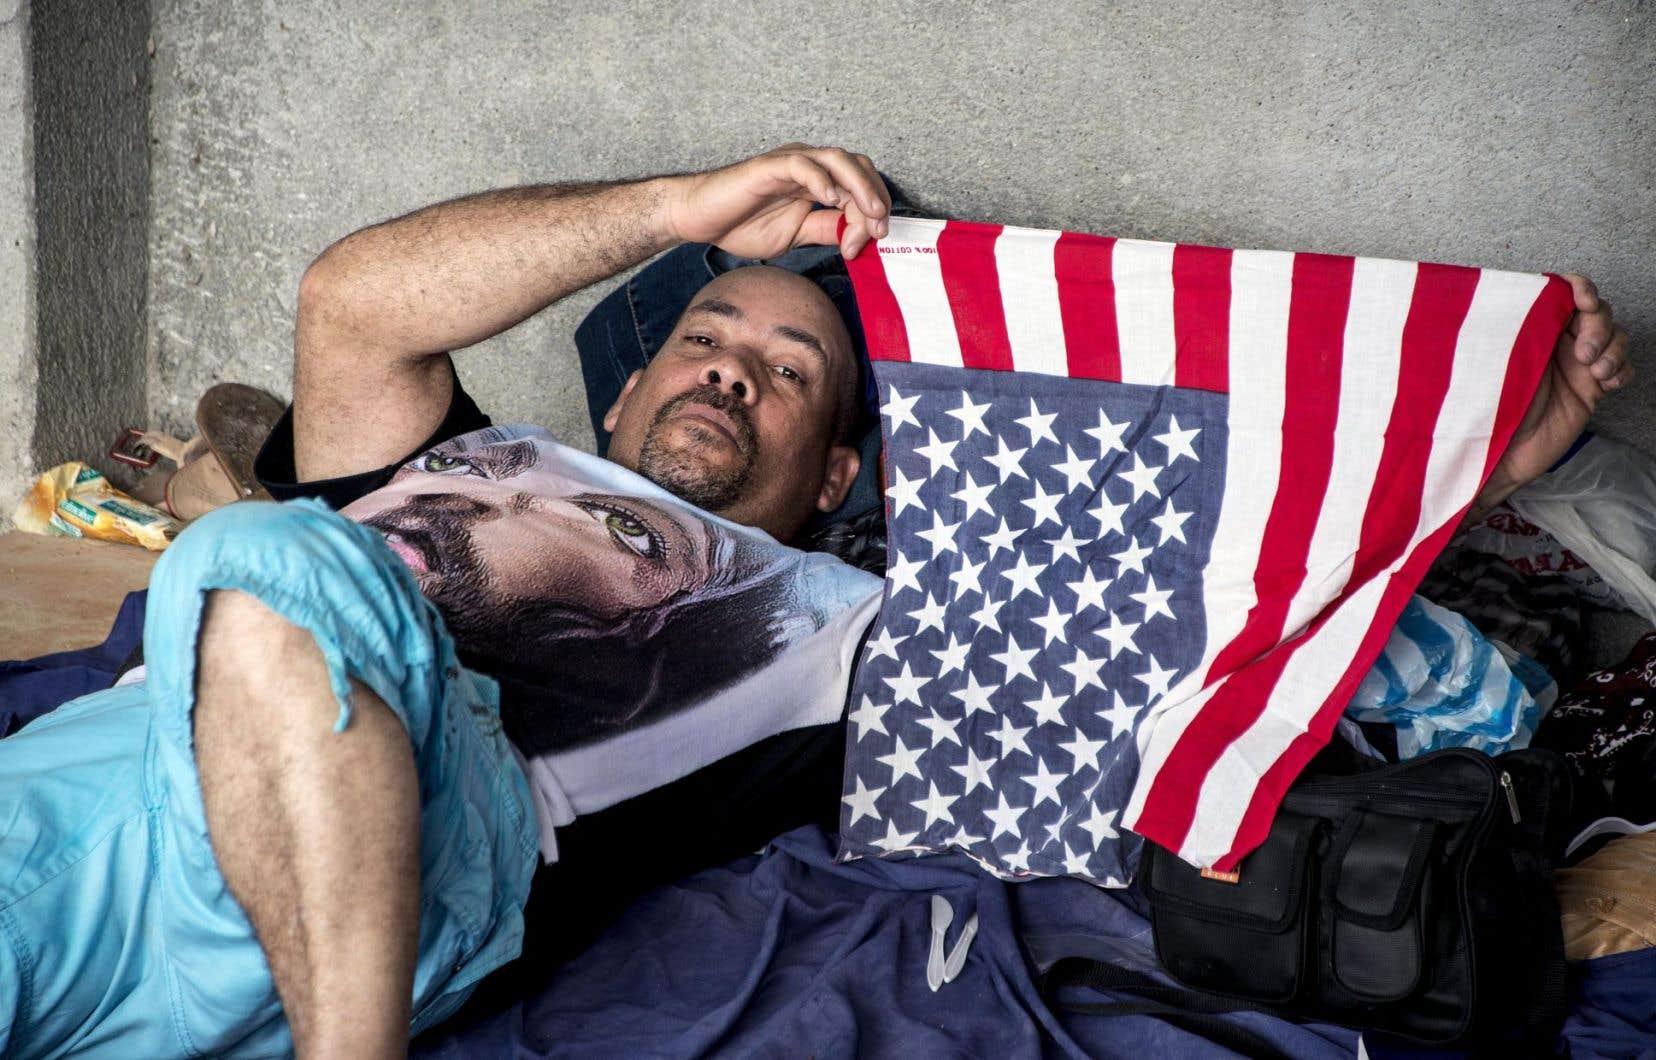 Le périple d'un Cubain désirant se rendre aux États-Unis s'est arrêté dans un camp de fortune au Costa Rica.